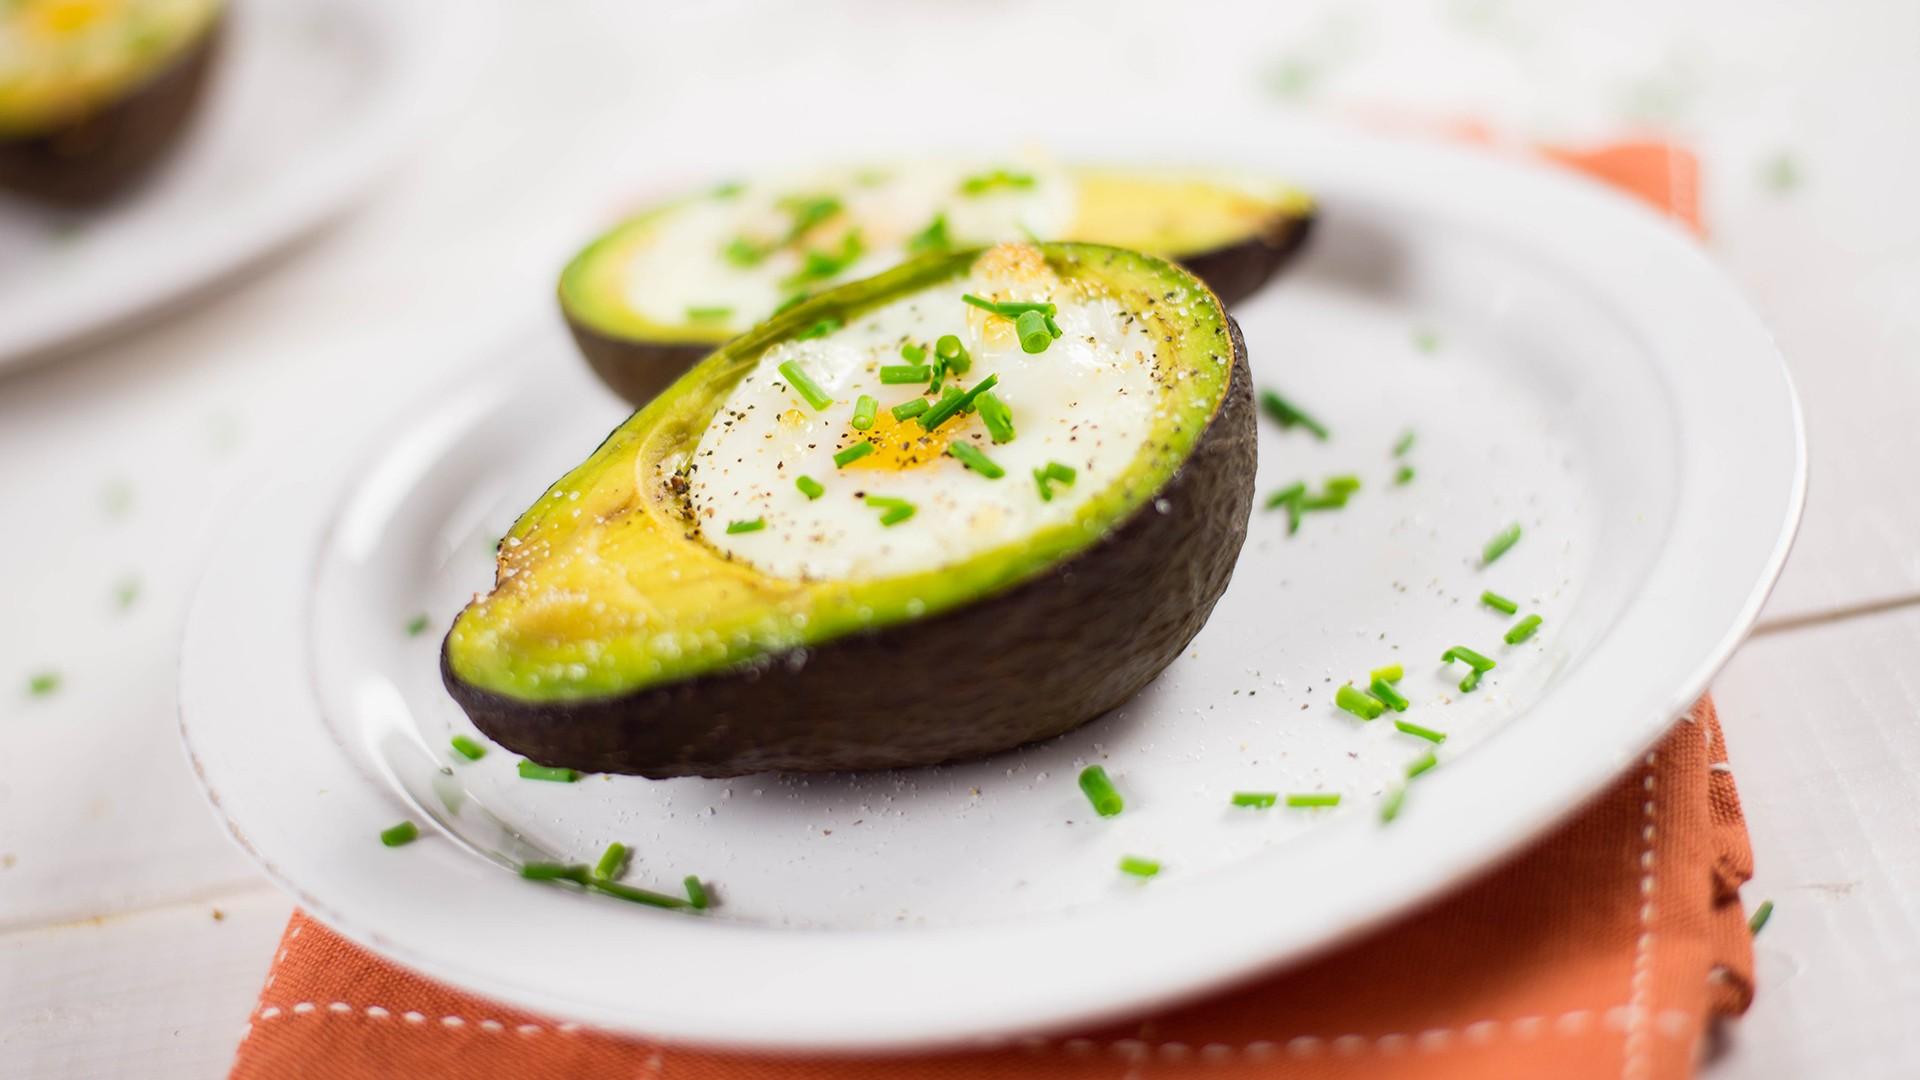 Os ovos cozidos no abacate  (Foto: Divulgação)